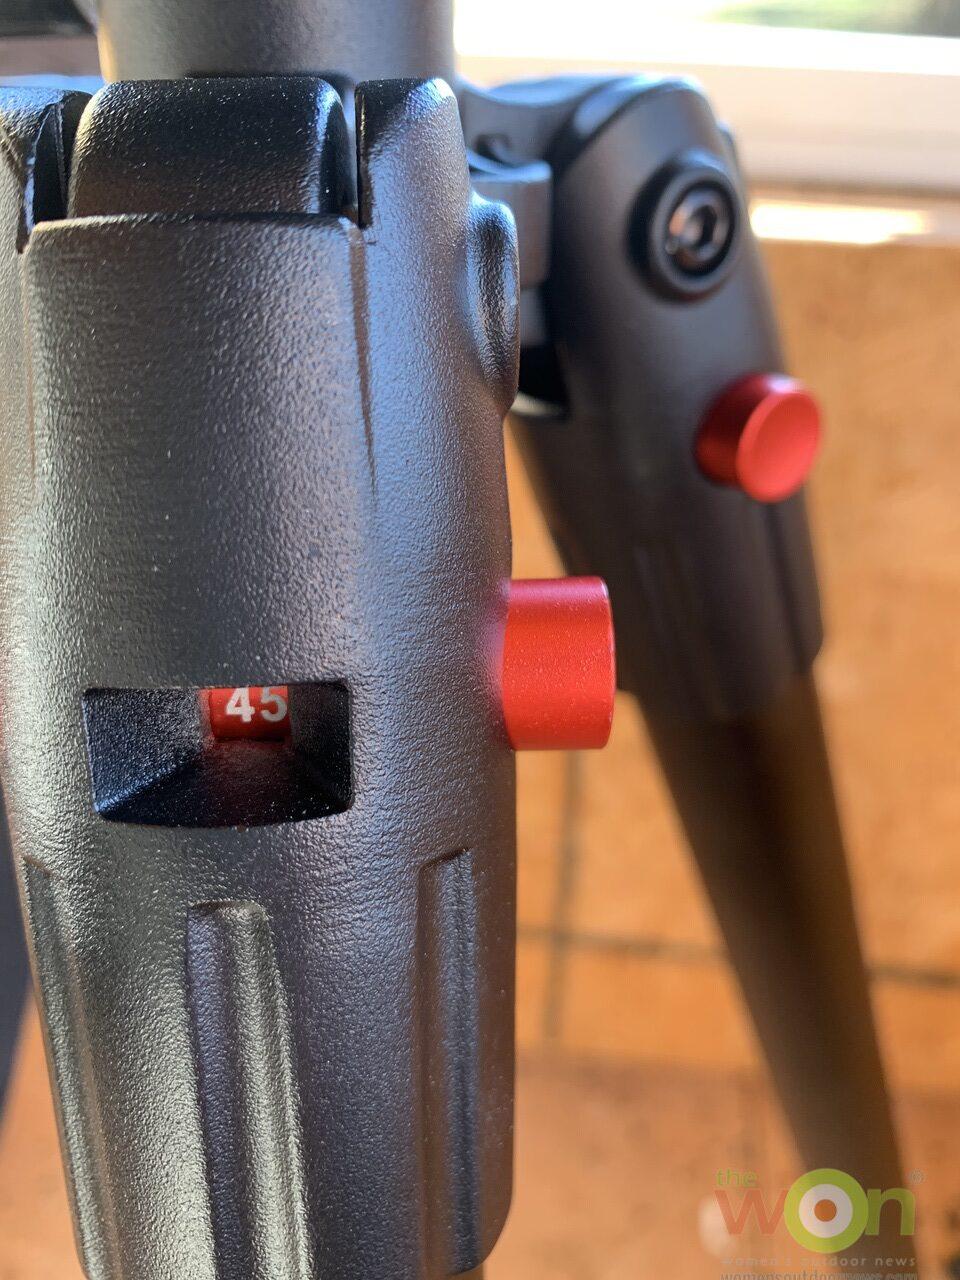 Deathgrip adjustment angle